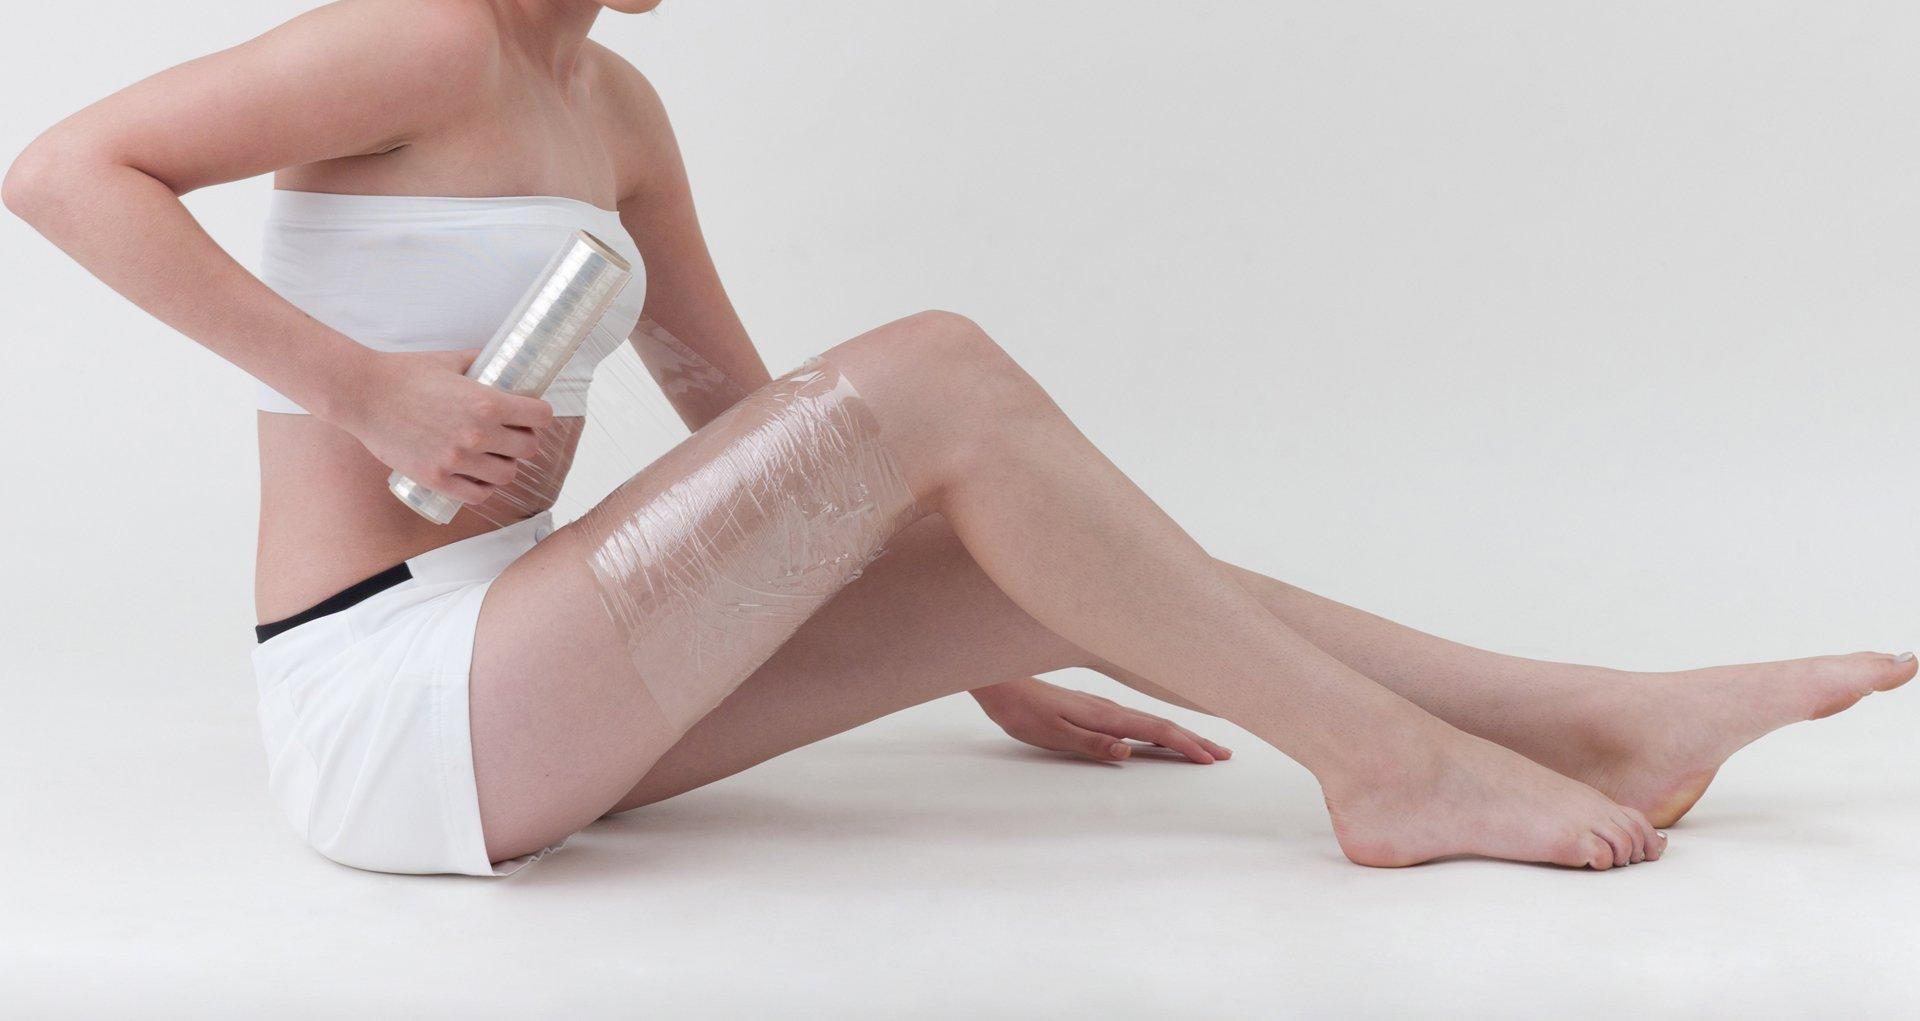 Обертывание в домашних условиях для похудения фото